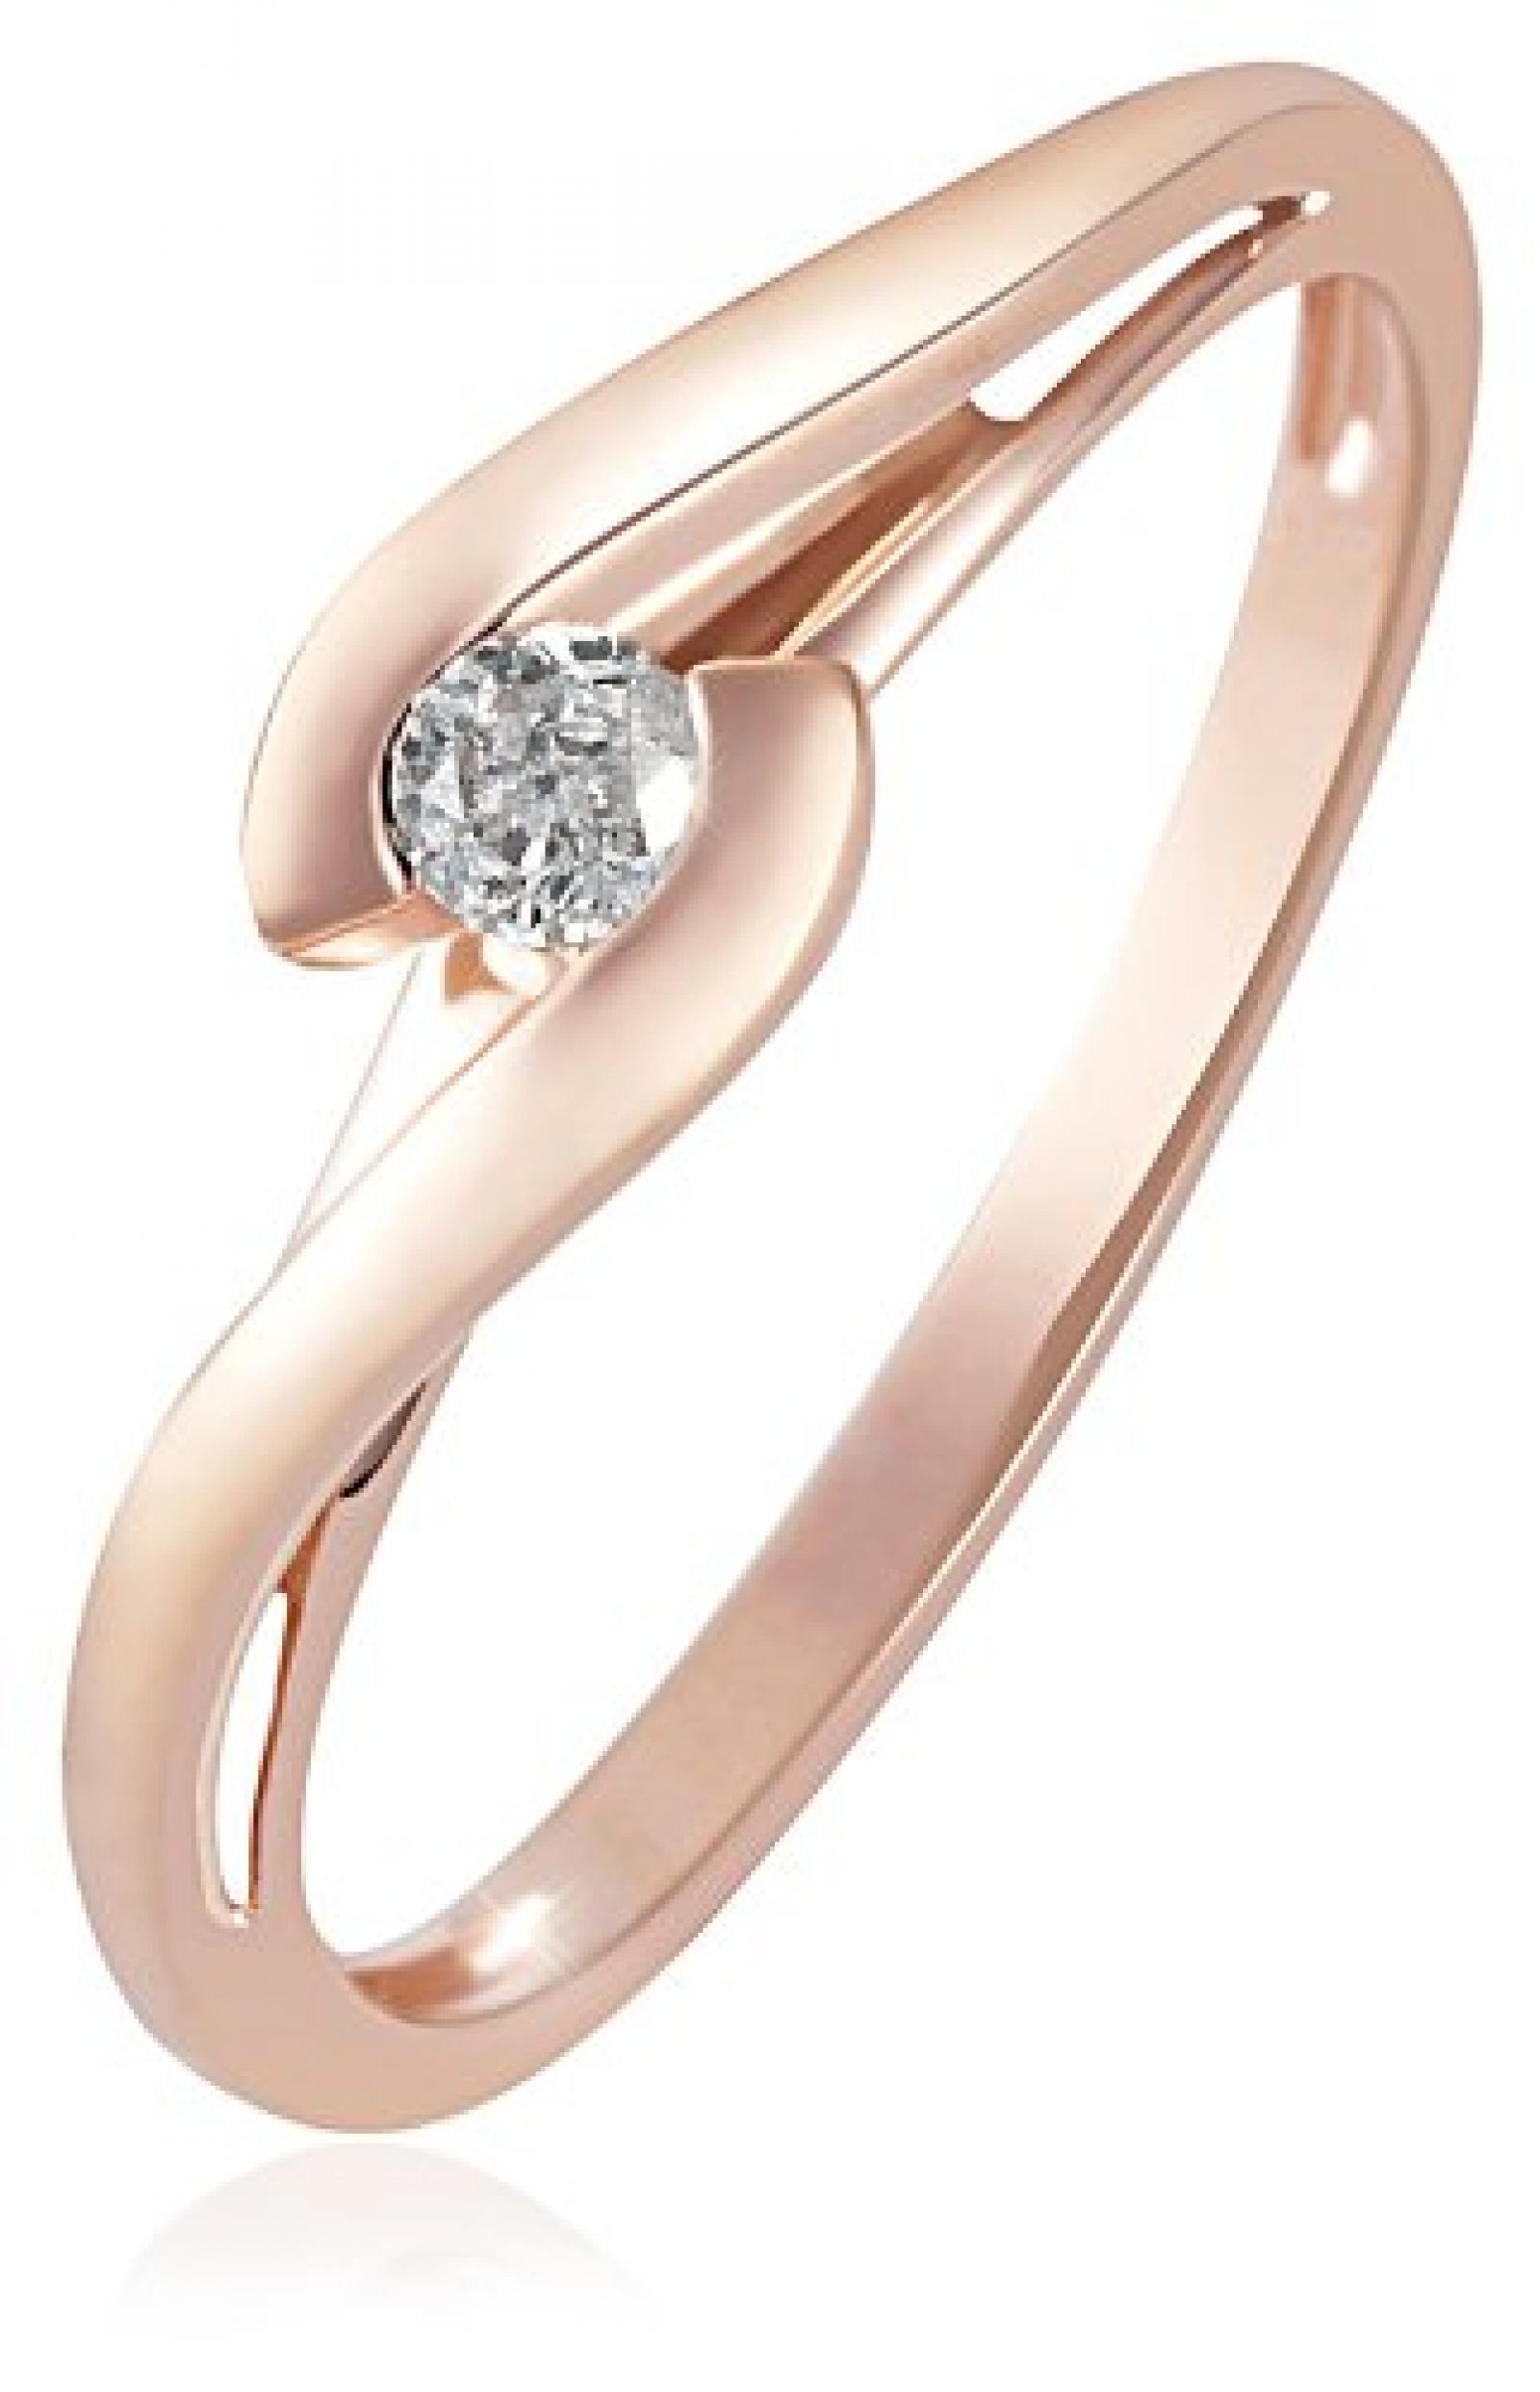 Goldmaid Damen-Ring Solitär Verlobungsring 585 Rotgold 1 Brillant 0,08 ct. So R3574RG